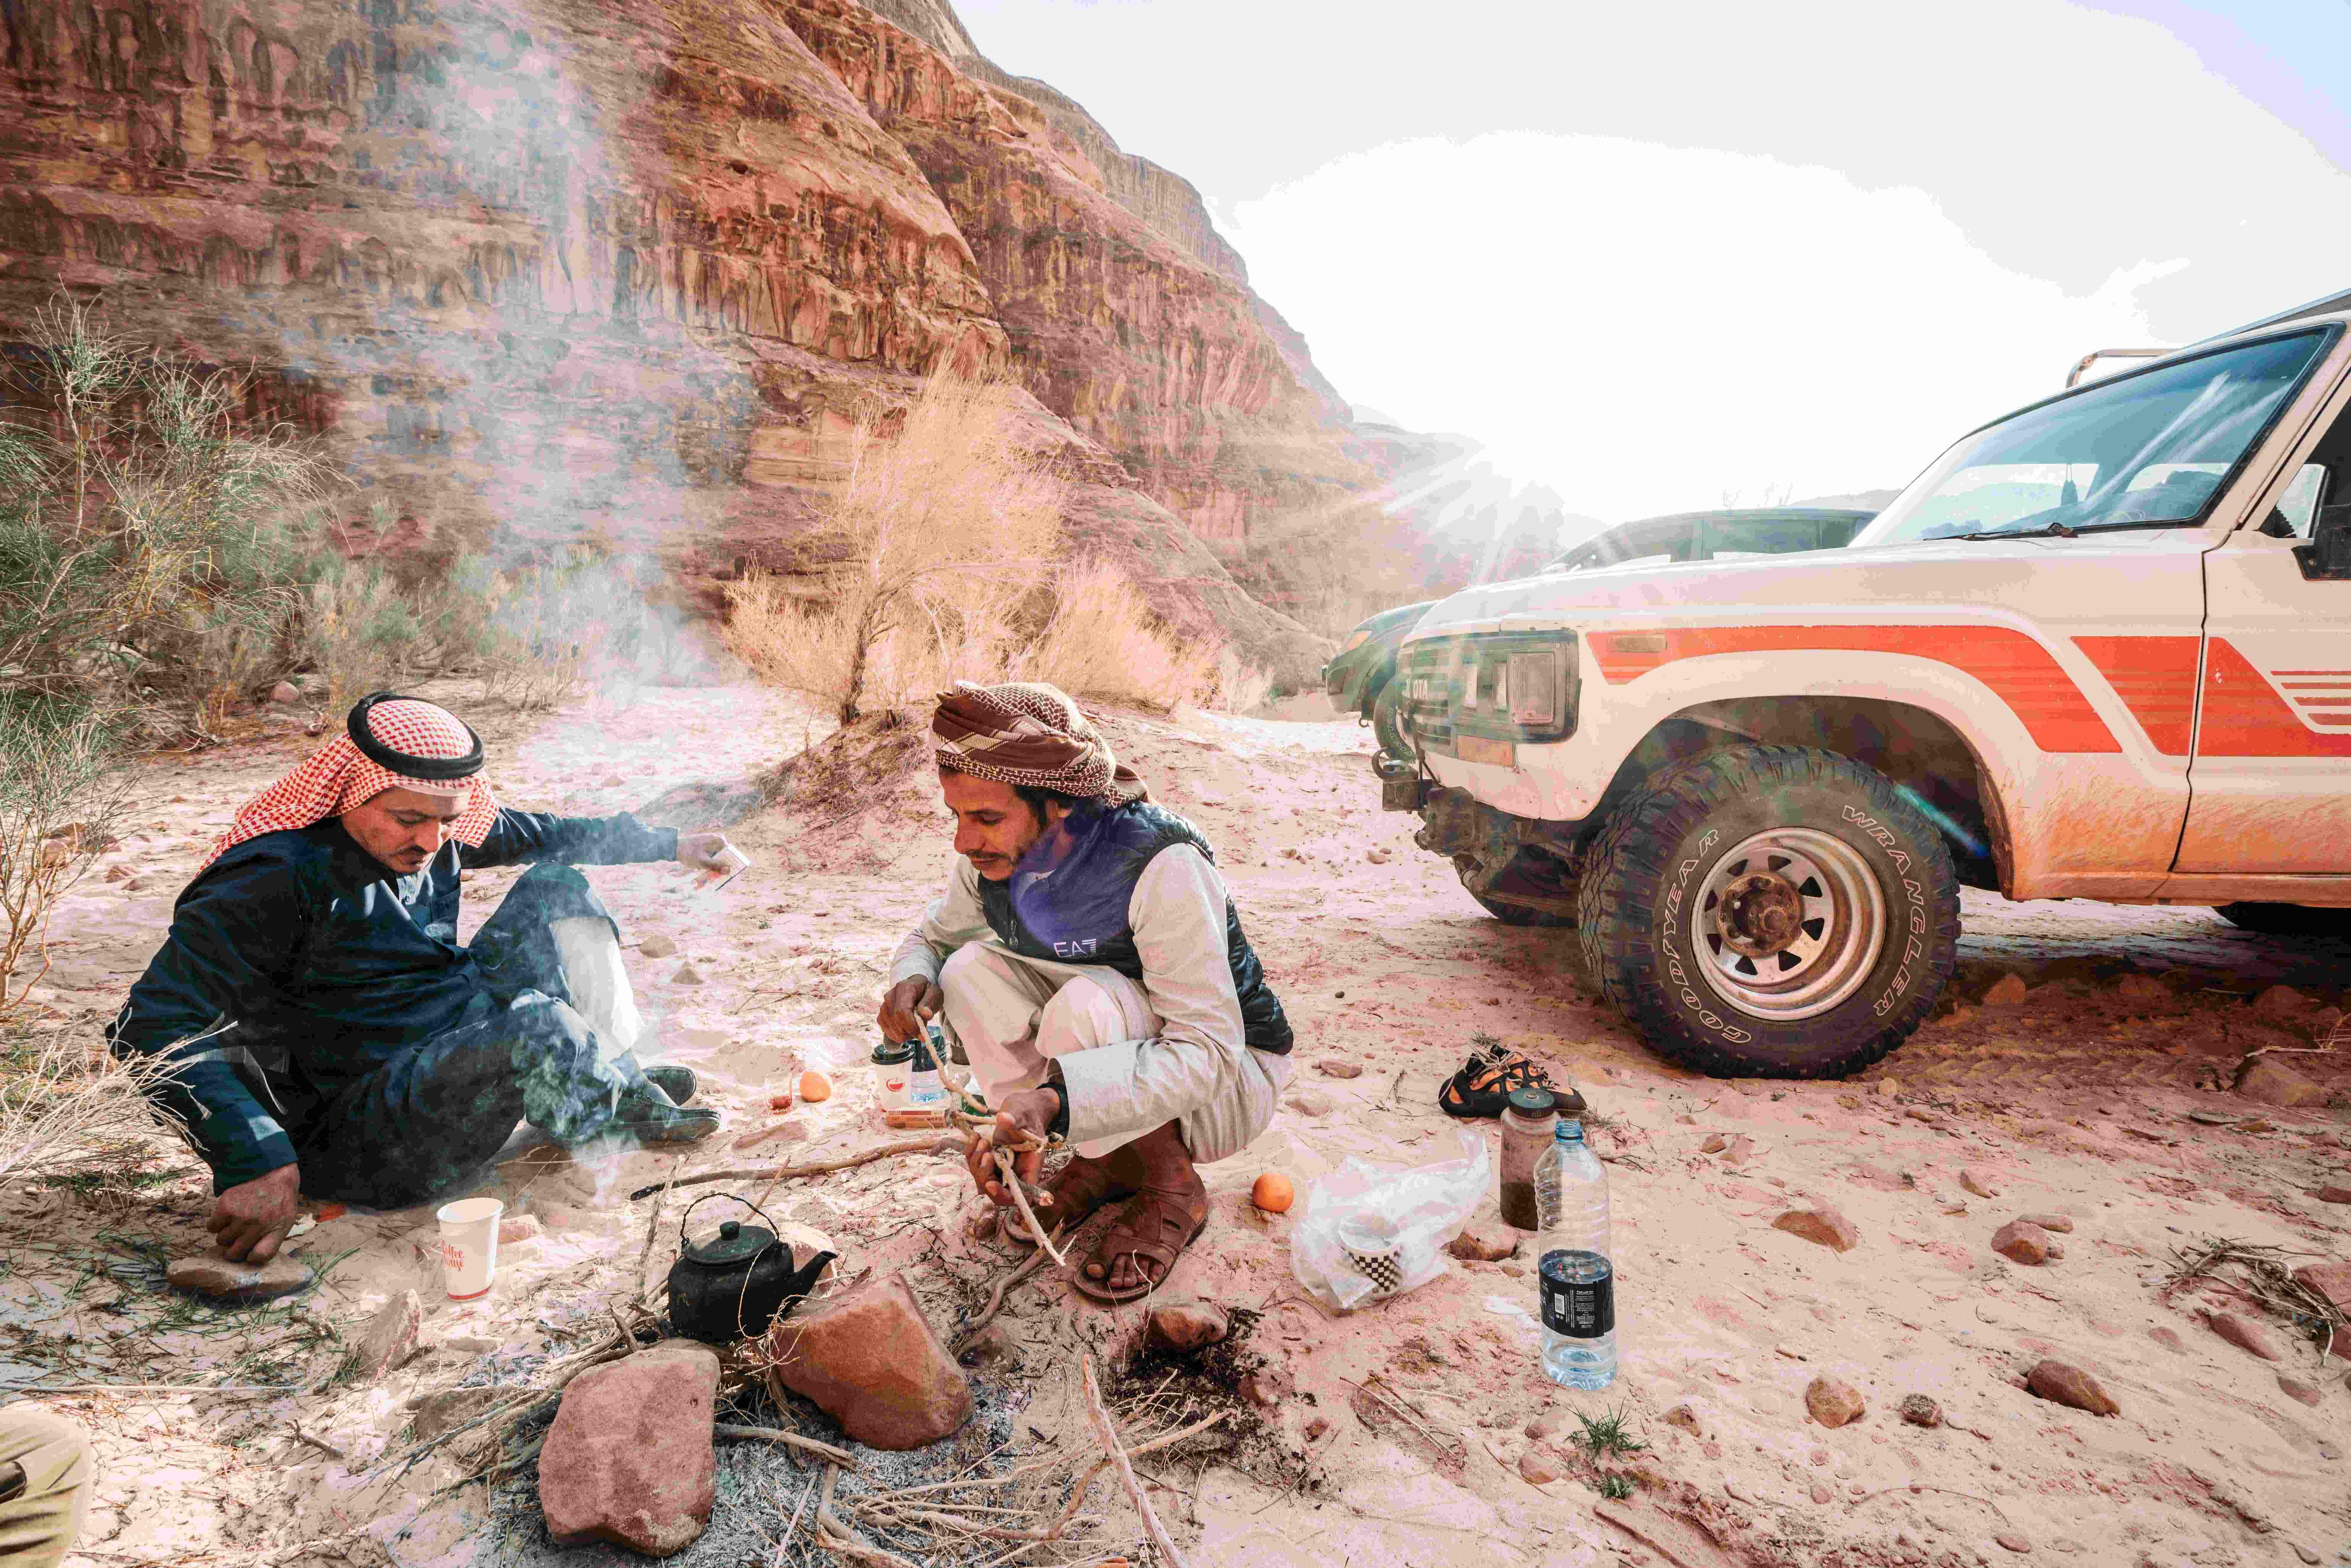 Troppe persone che cucinano con un fuoco aperto nel deserto della Giordania